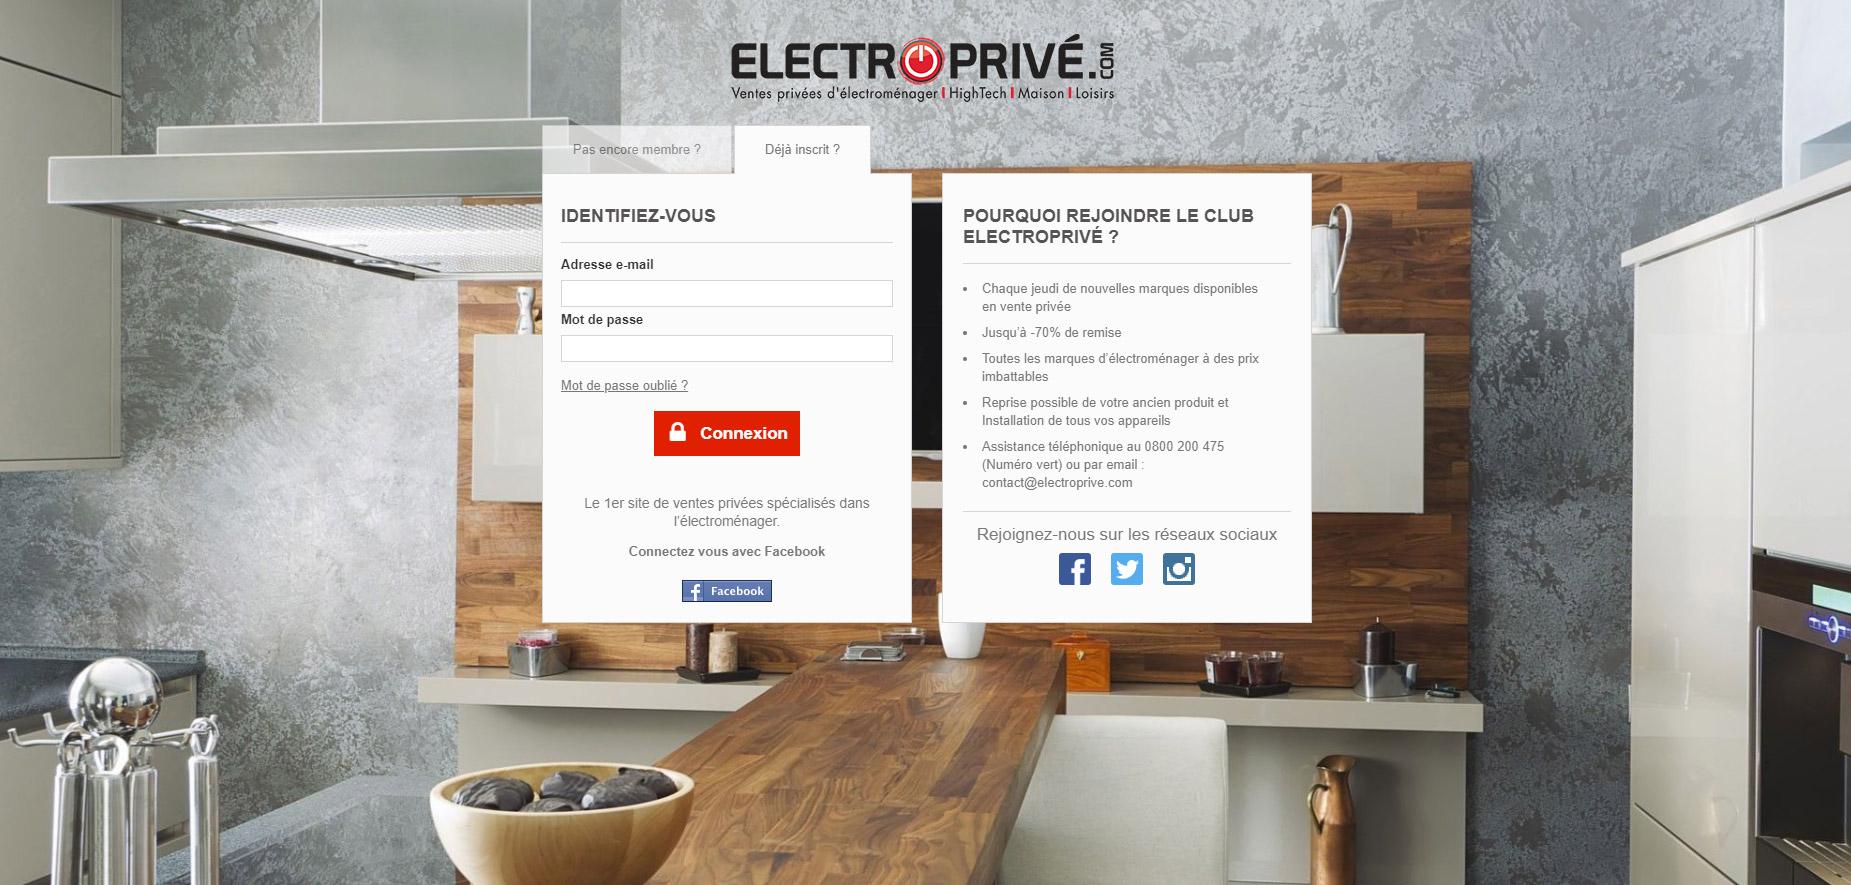 [Projet 100% remboursé] Electroprivé.com